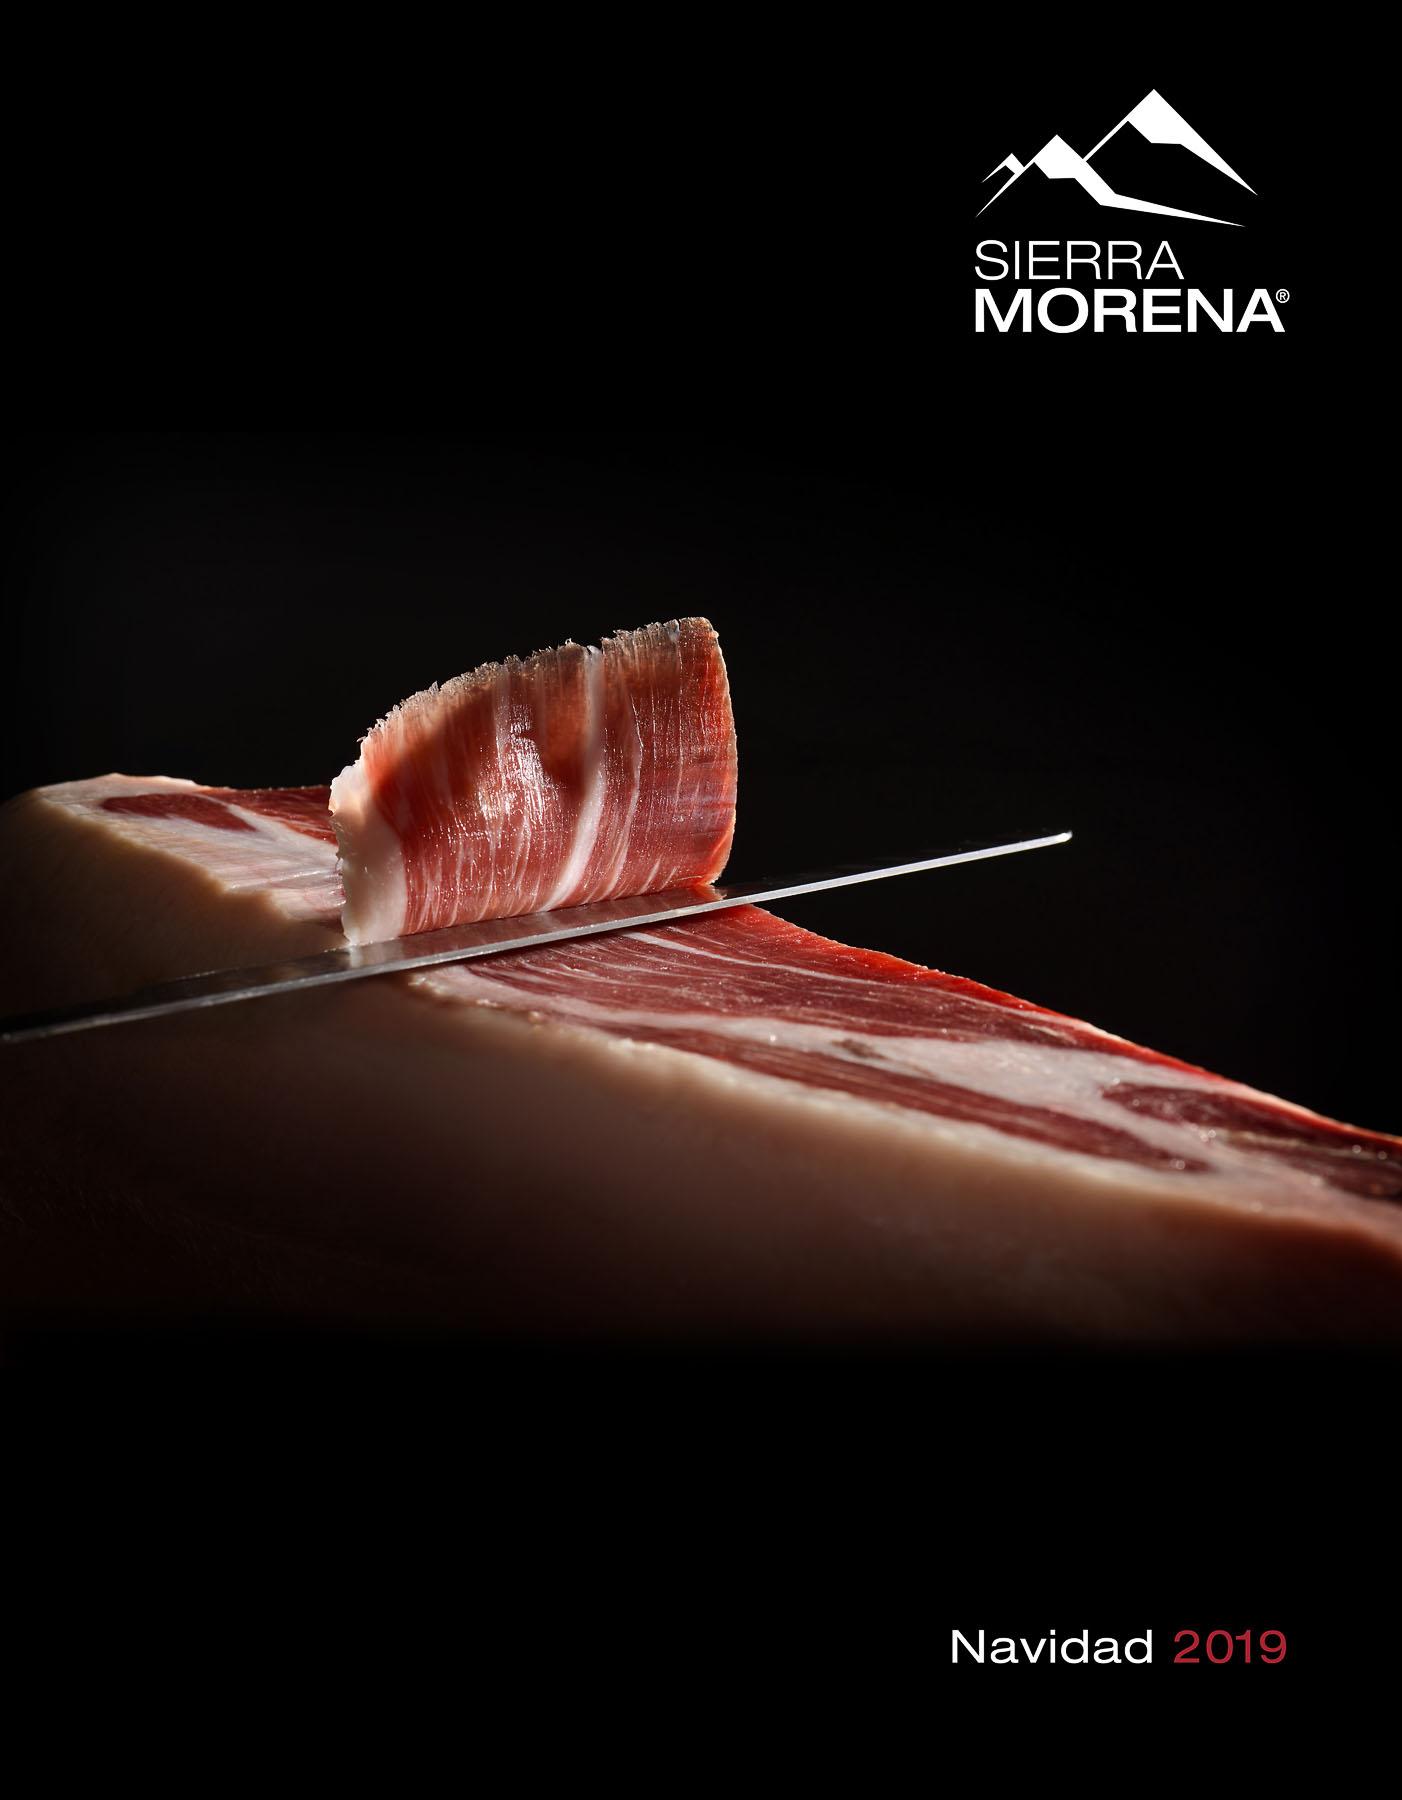 ramon-vaquero_alimentacion_sierramorena_5